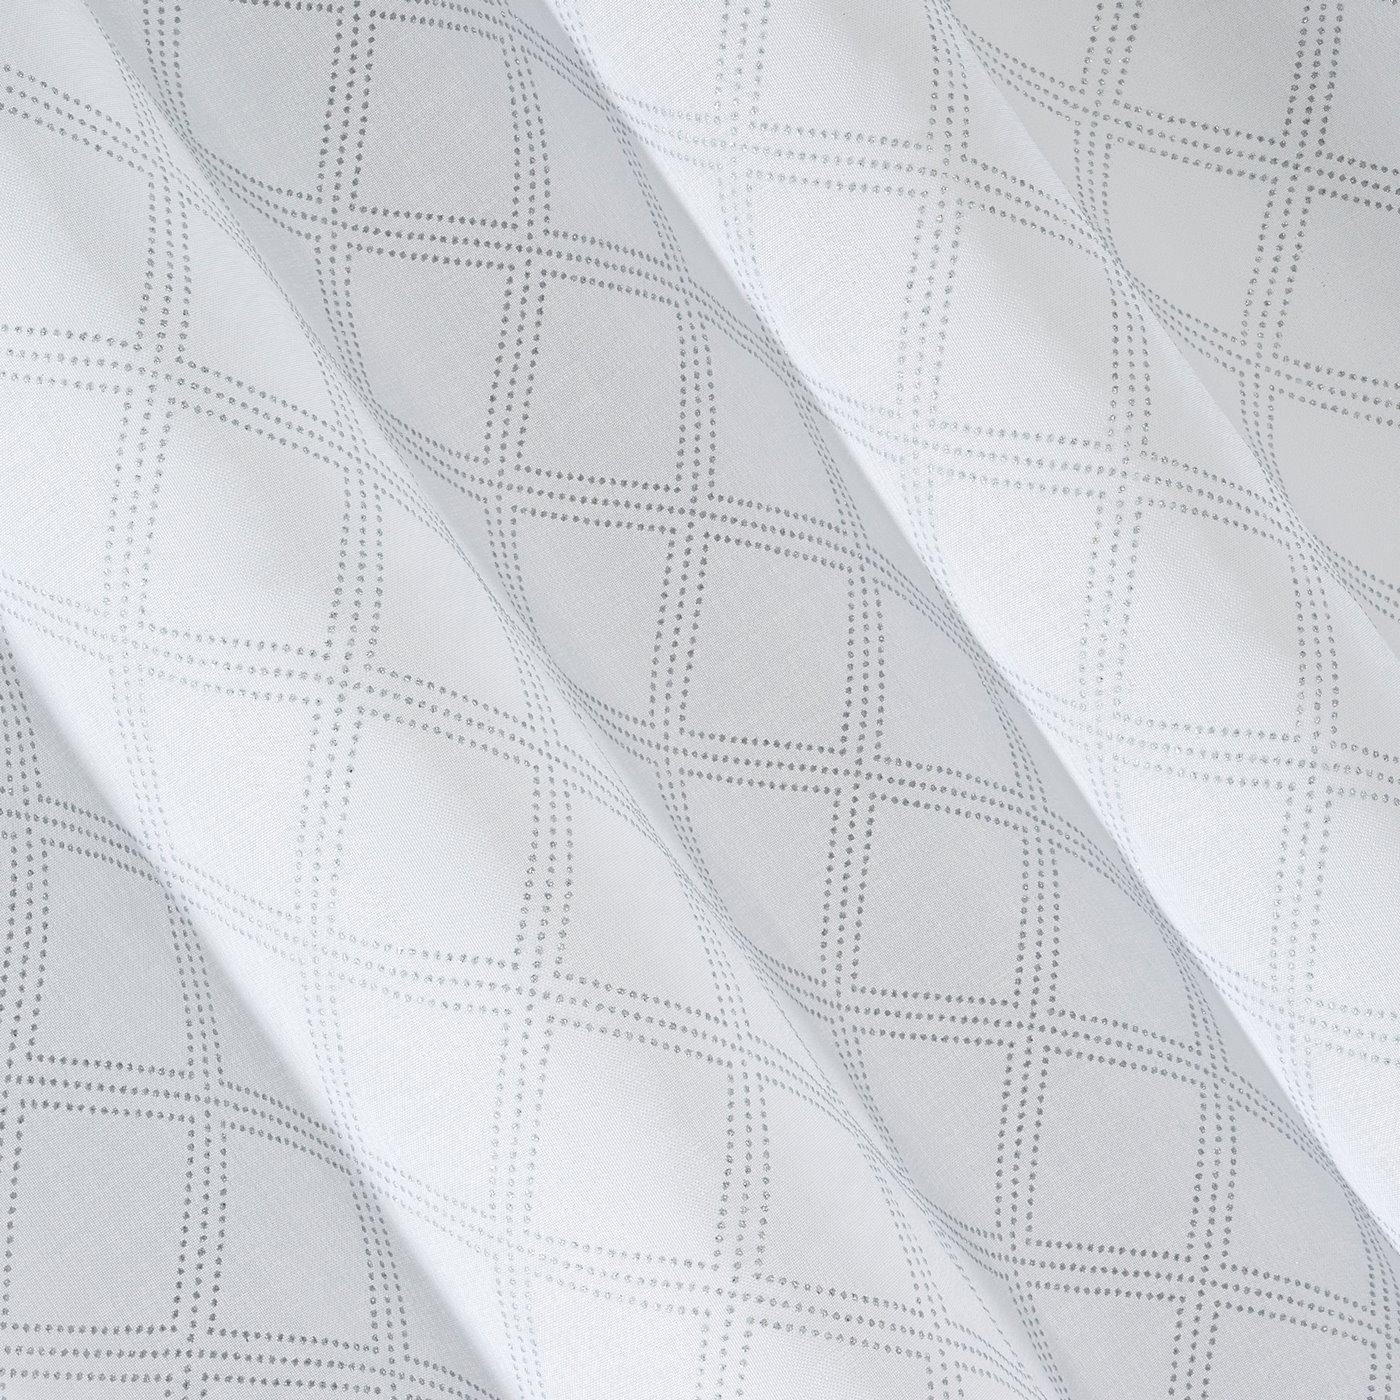 Firana gotowa na przelotkach 140 x 250 cm biało srebrna geometryczny wzór